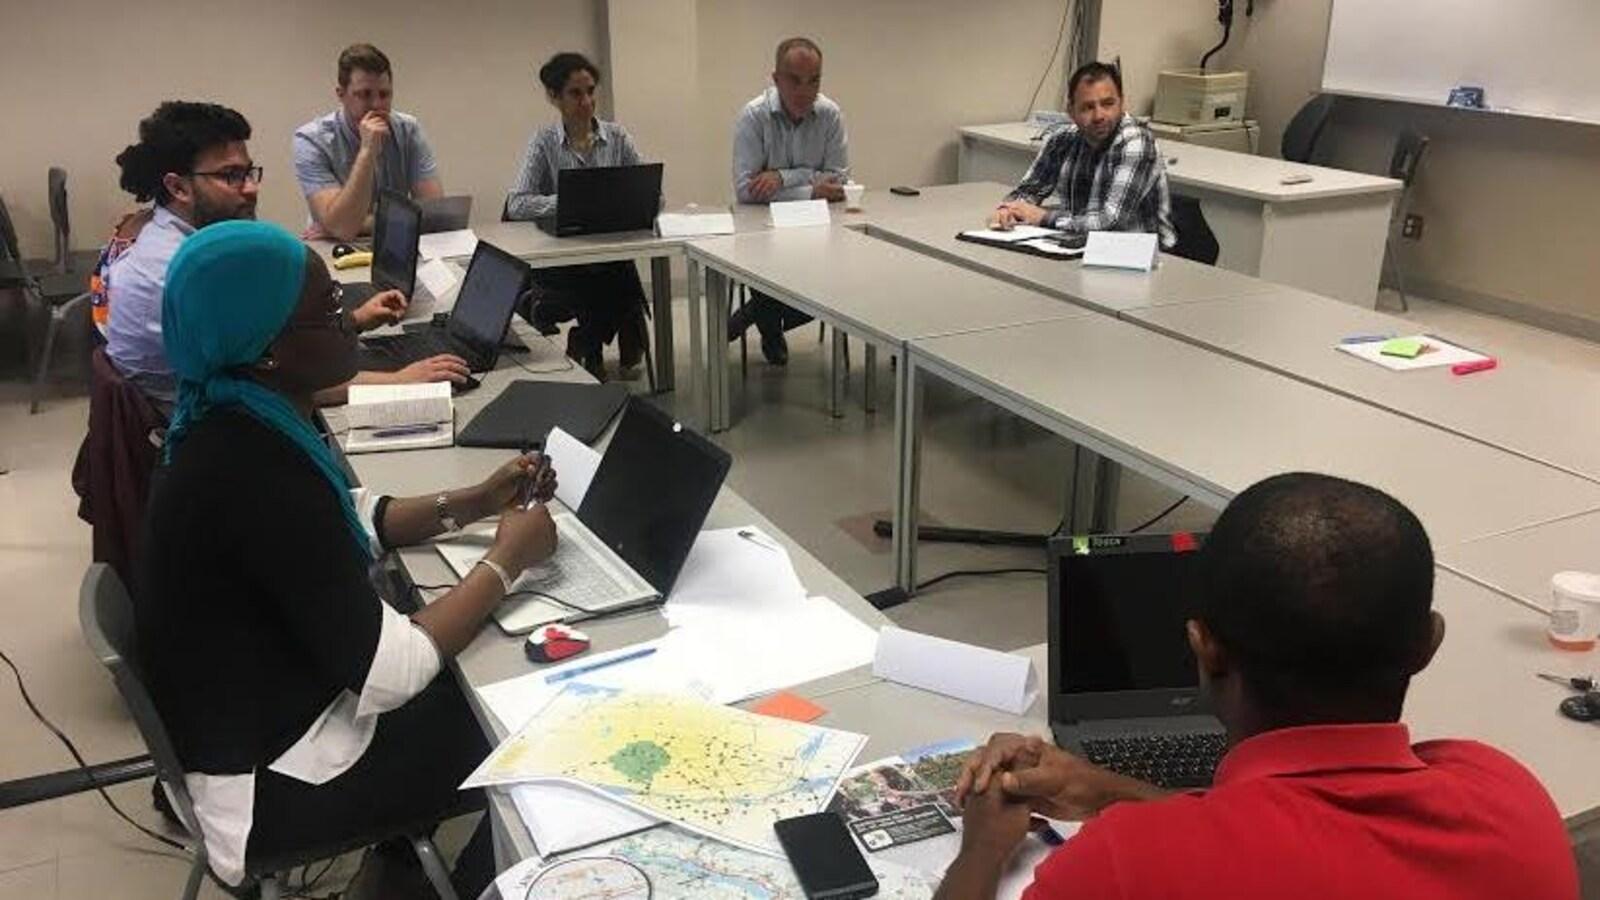 Des étudiants et des entrepreneurs sont assis sur des chaises, devant des tables de travail, à l'intérieur d'une salle de classe. Les étudiants prennent des notes à l'aide d'un ordinateur portable.